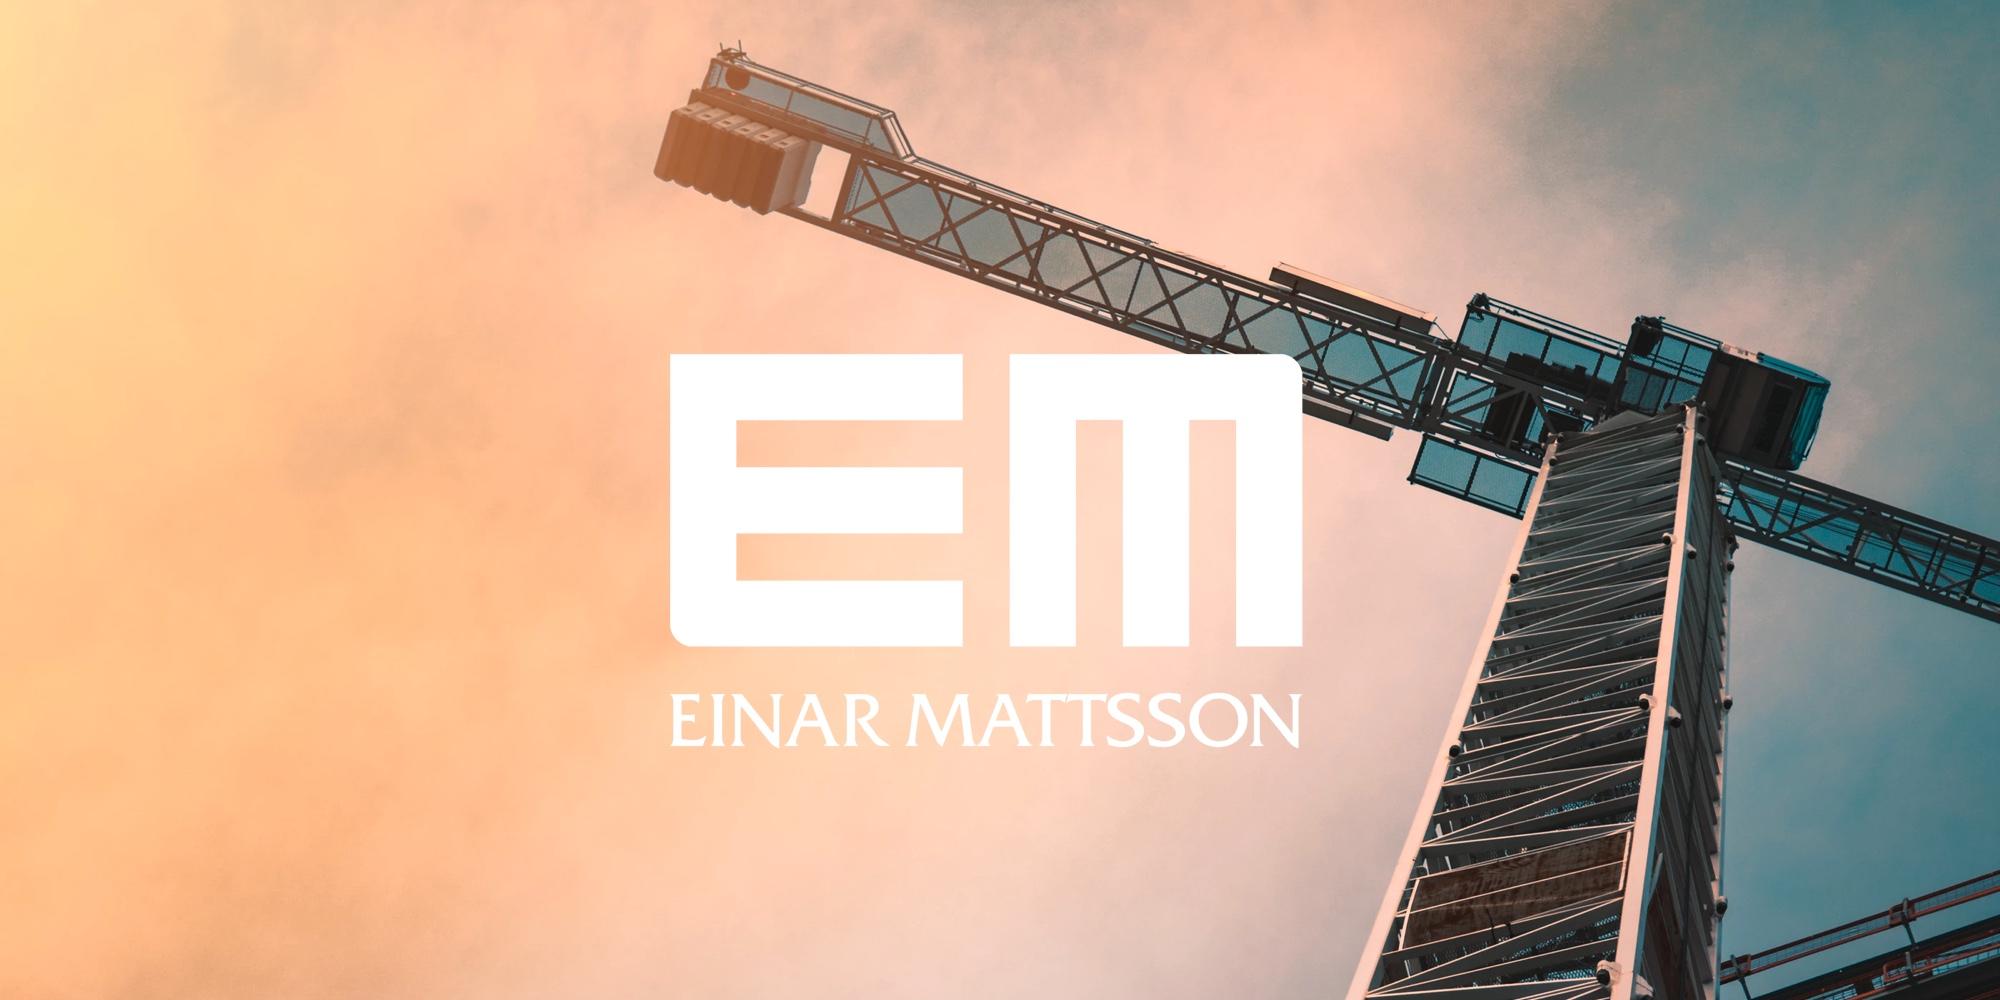 Further web development for Einar Mattsson